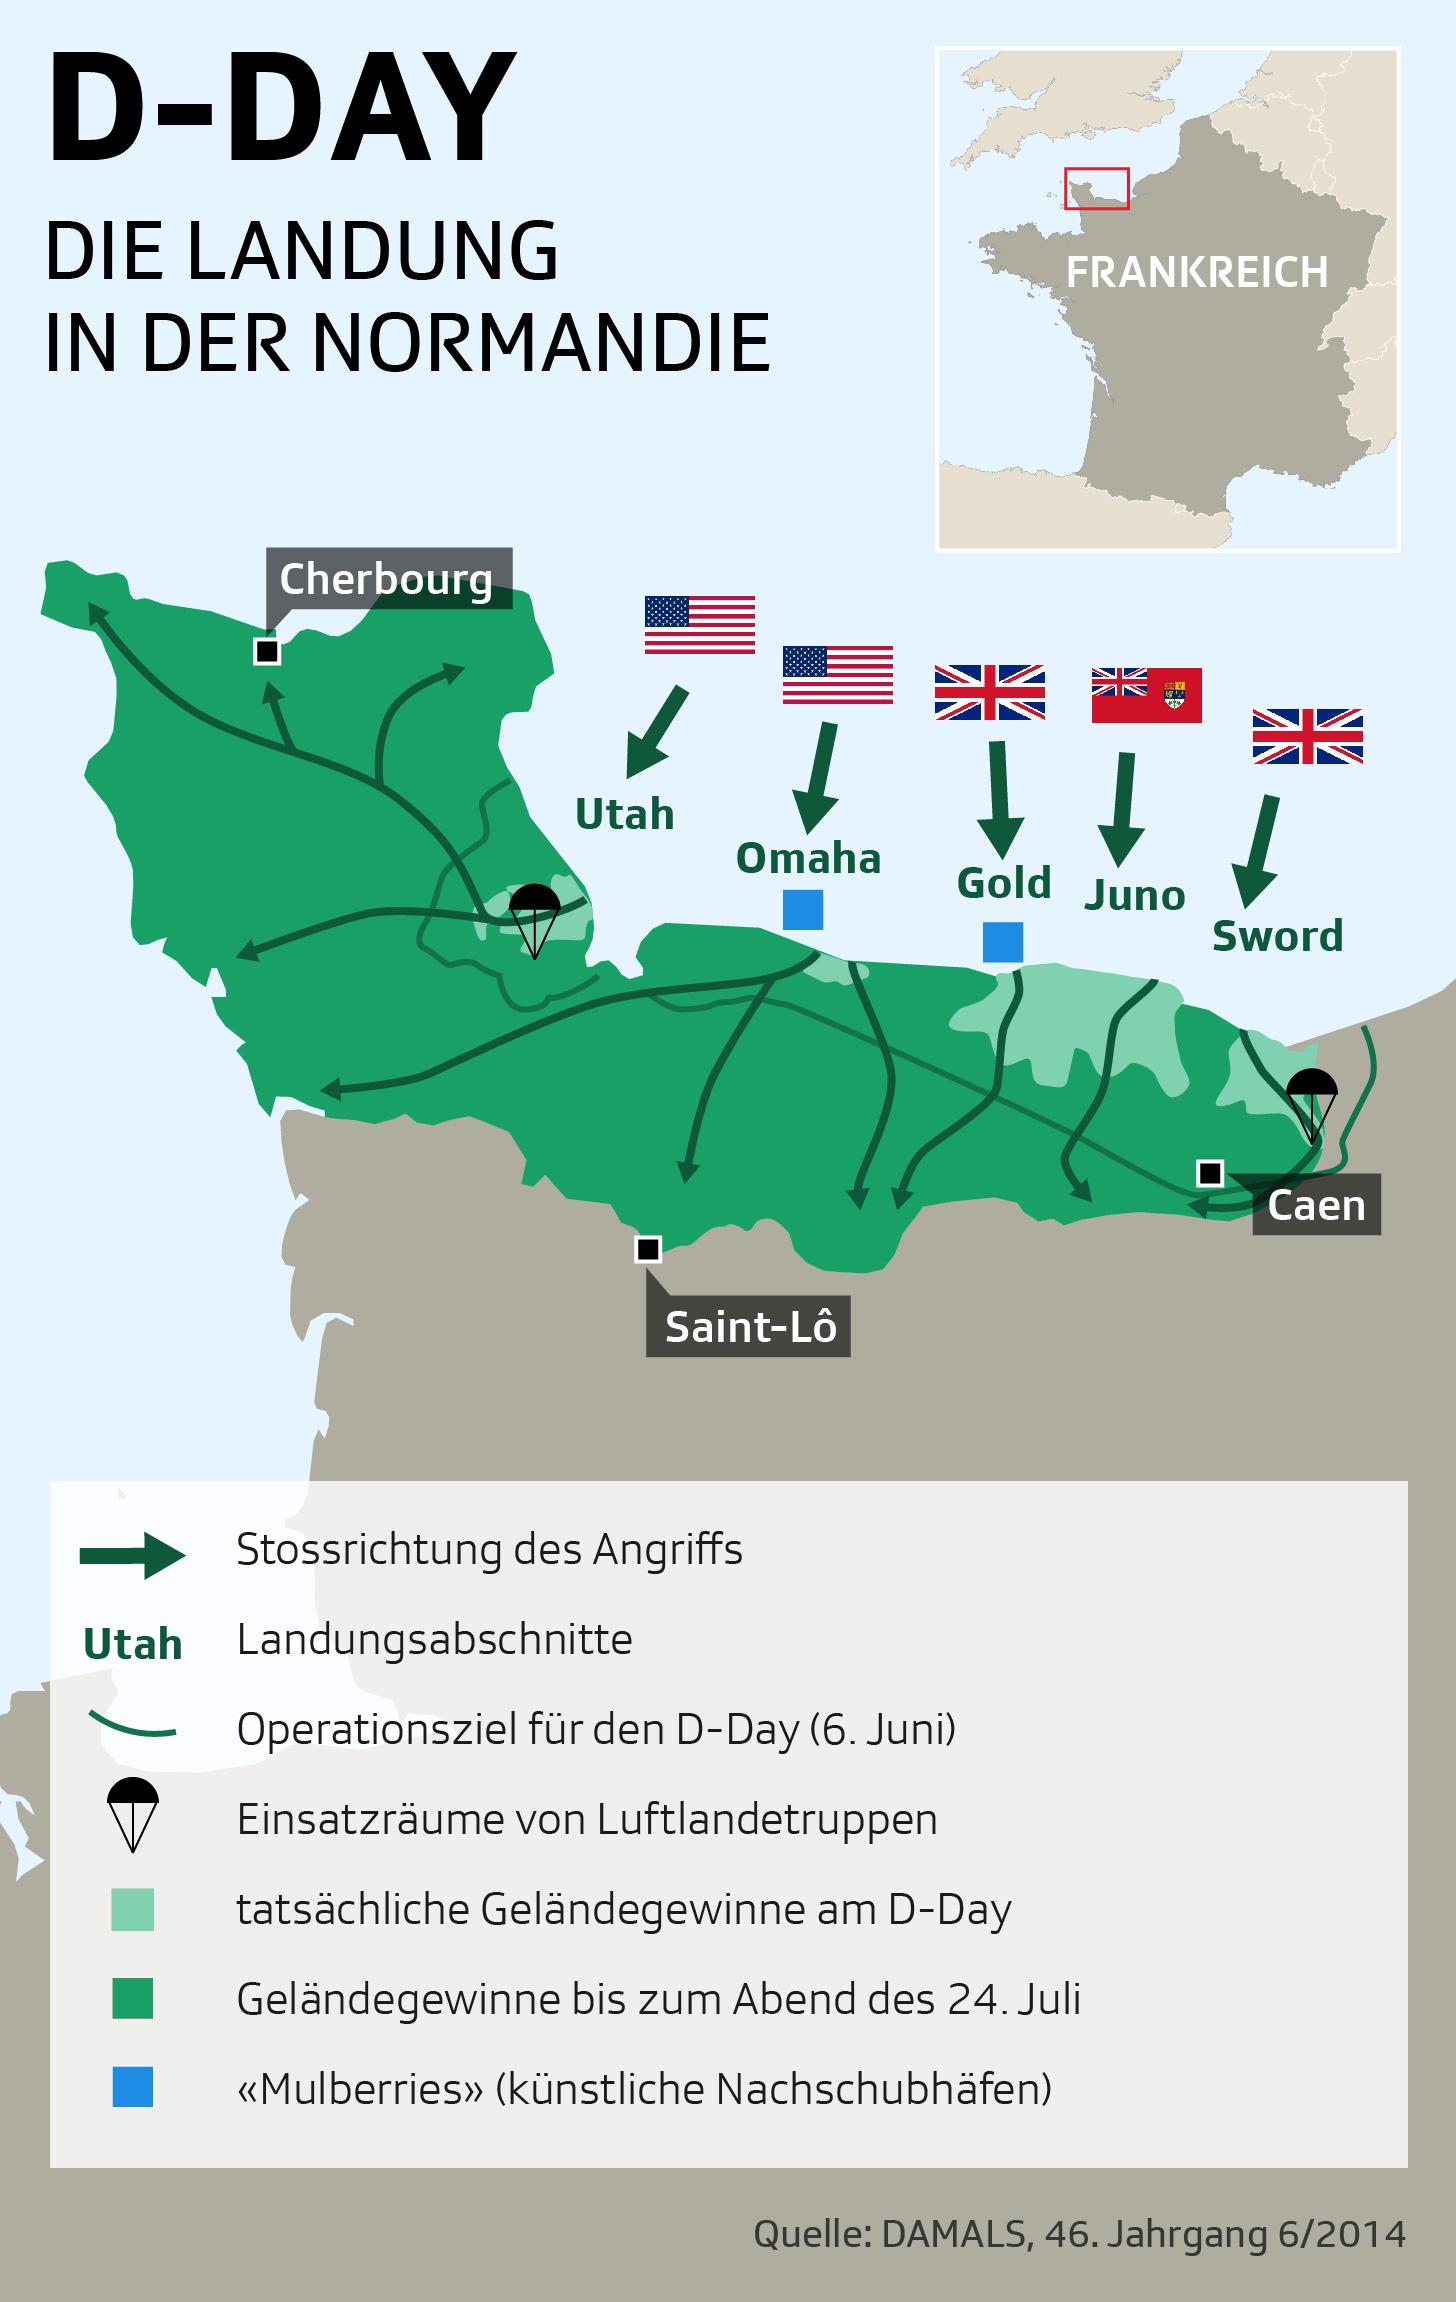 Karte mit den Landungsabschnitten der Alliierten in der Normandie